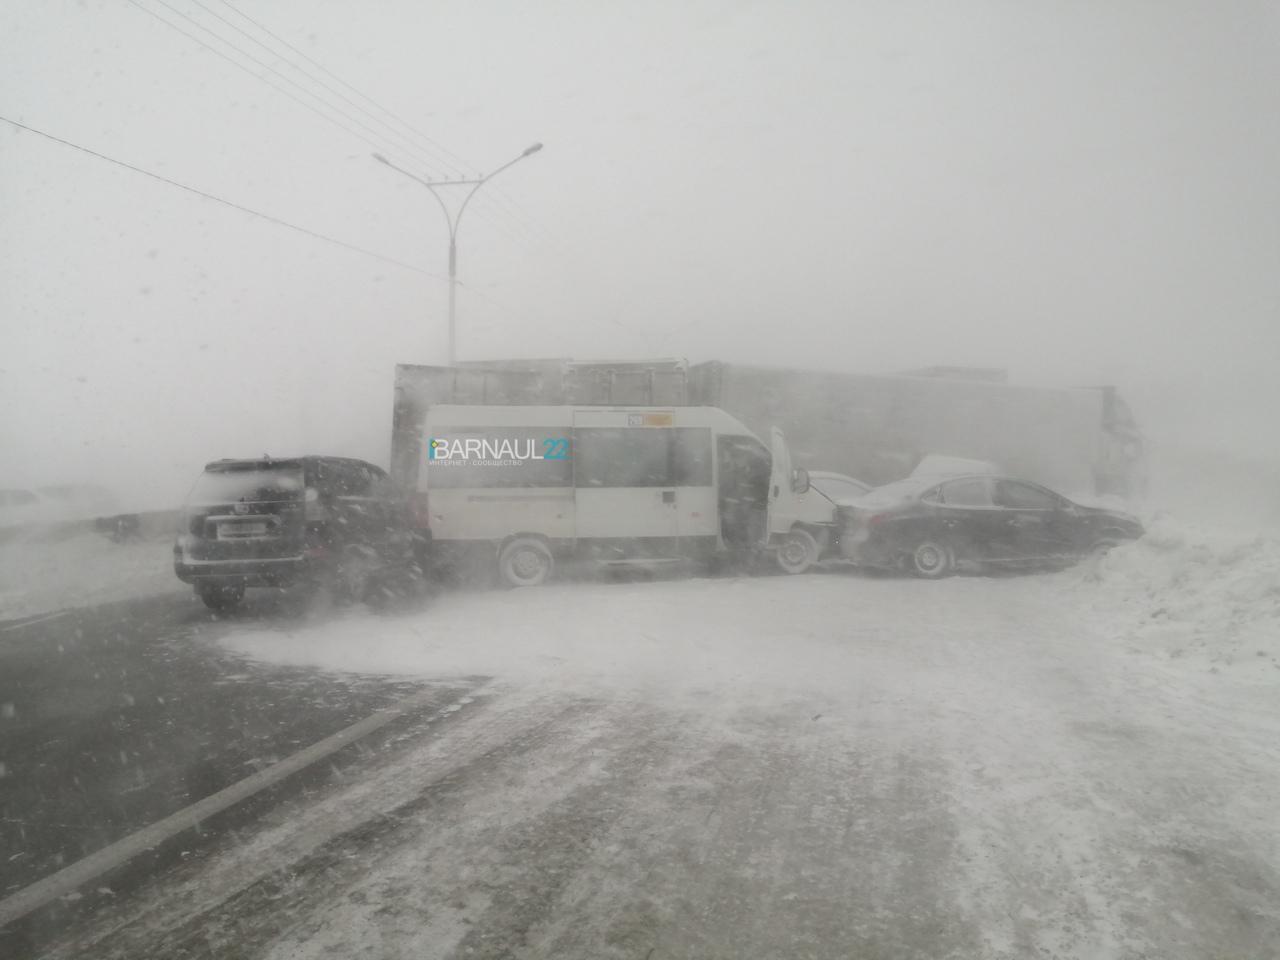 Снежный Апокалипсис спровоцировал массовые и отключения электричества Барнауле обновлено